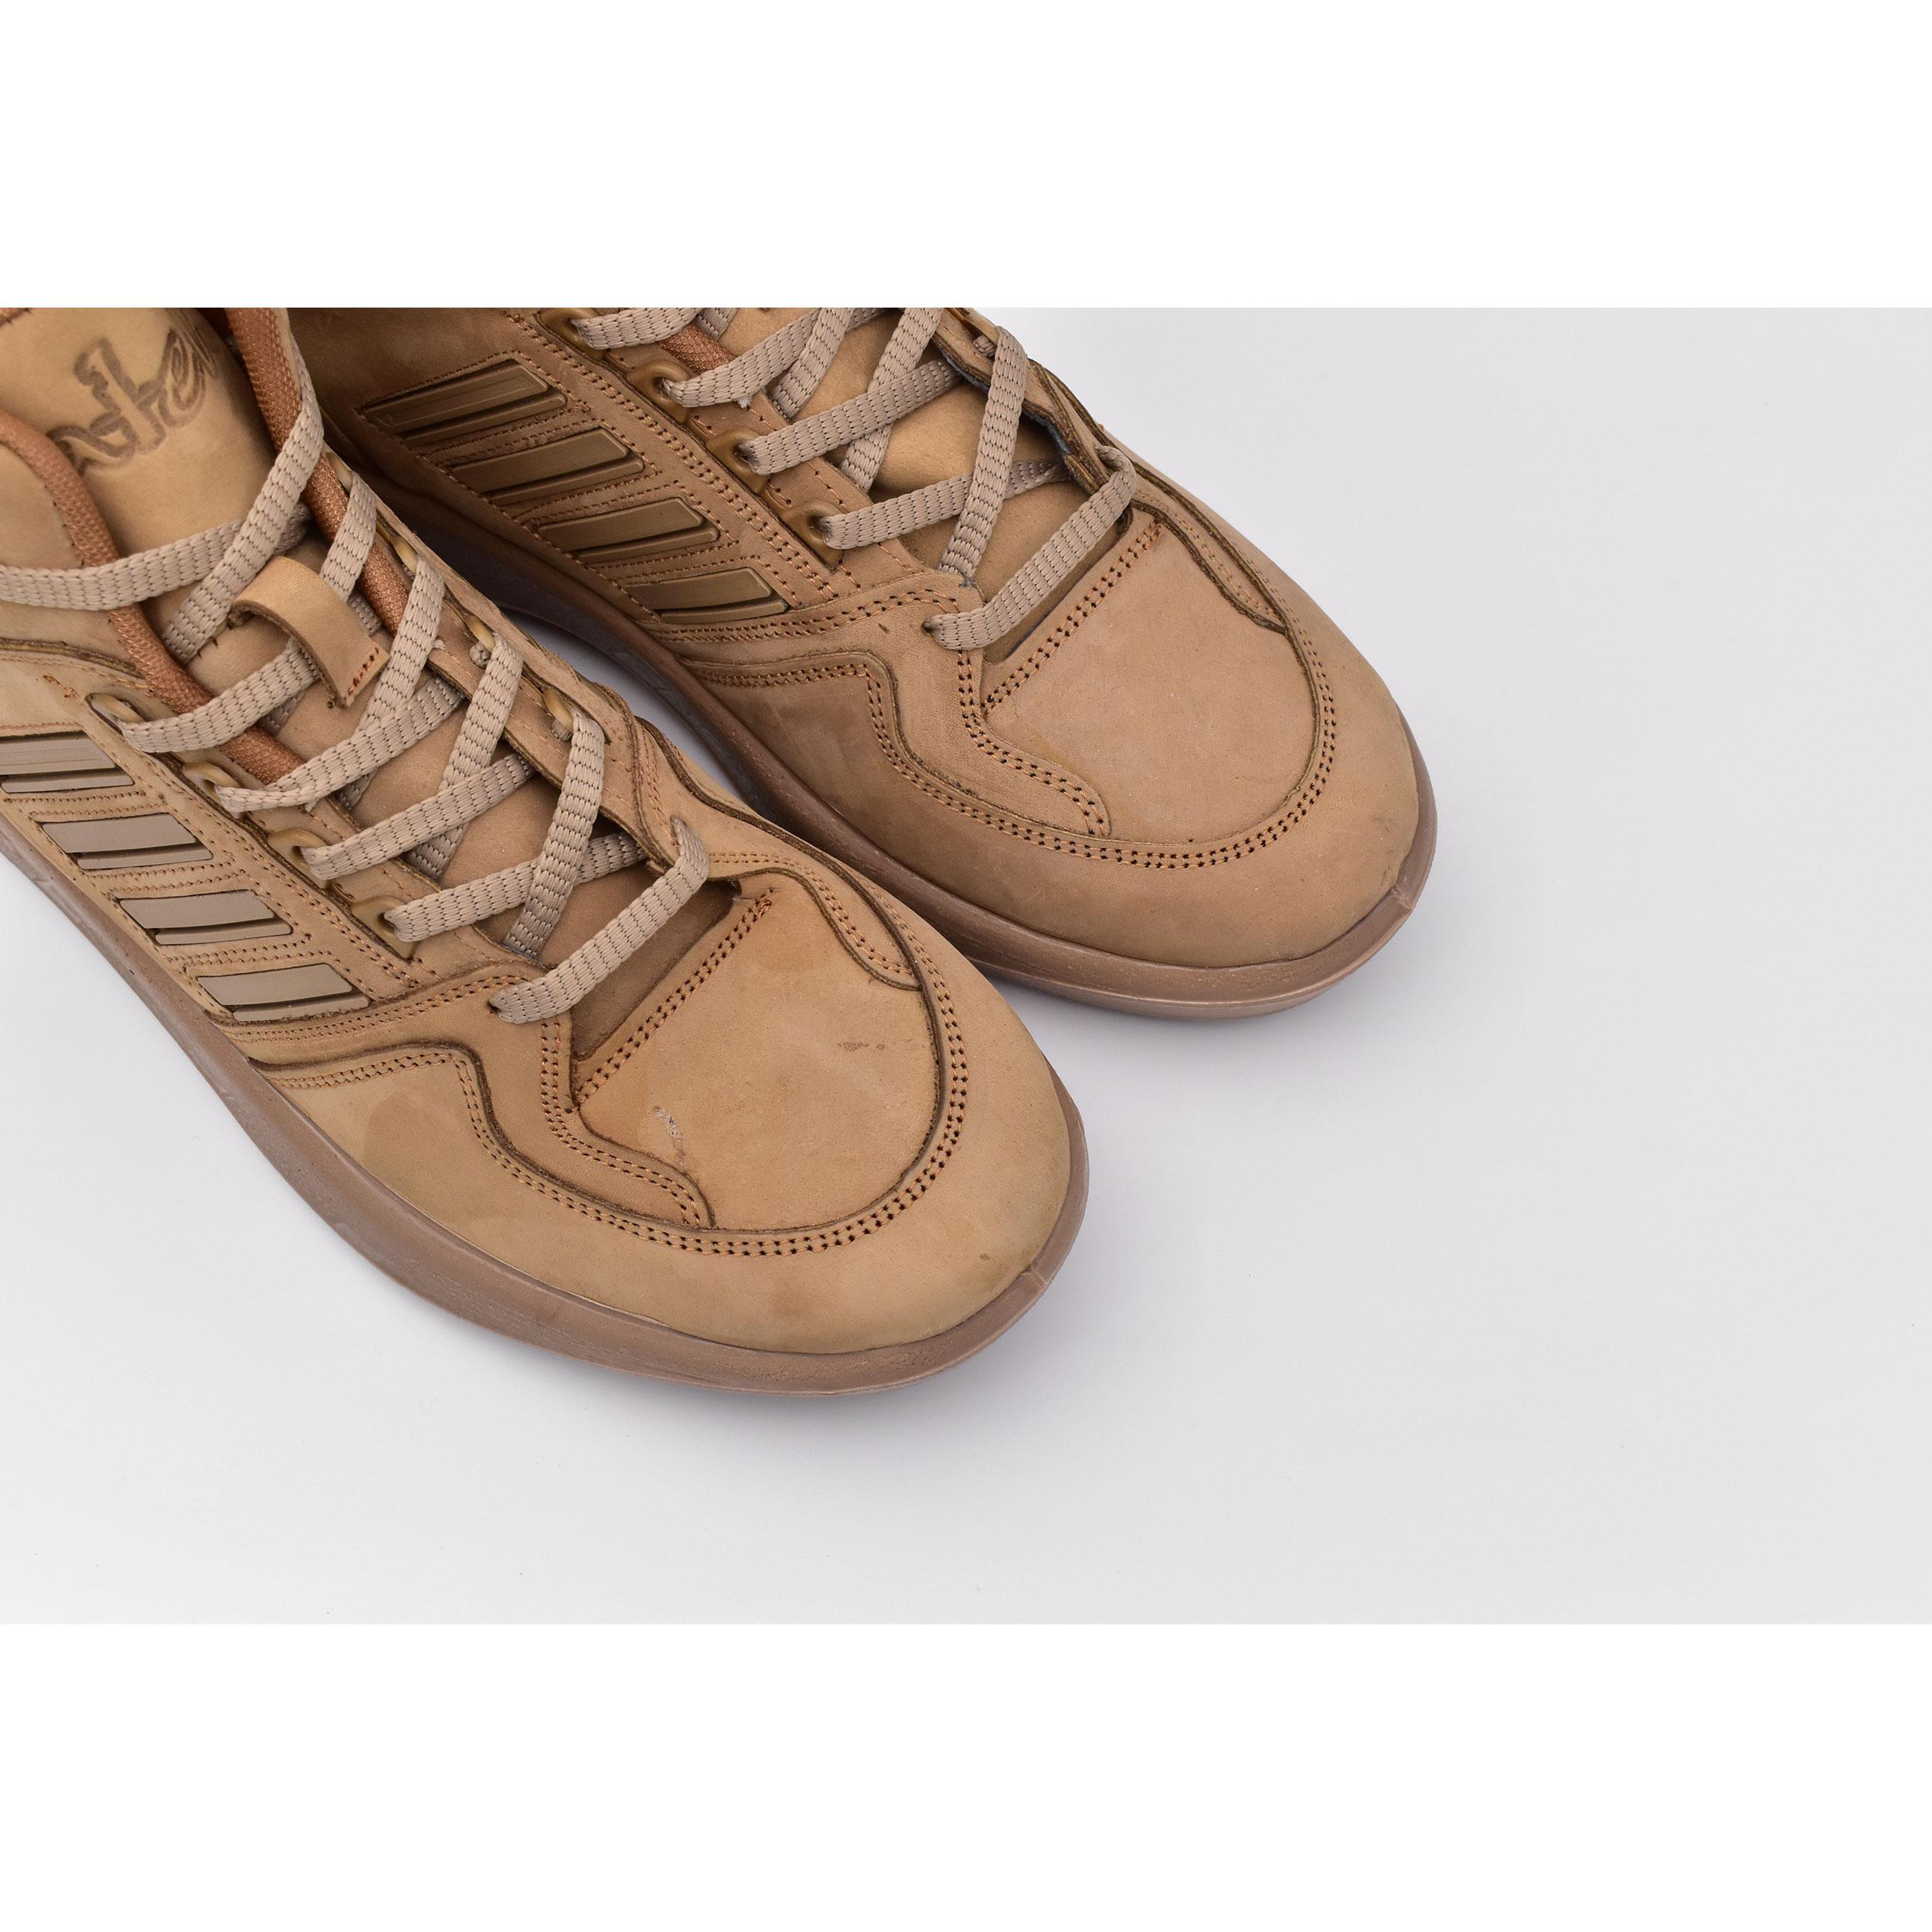 کفش طبیعت گردی مردانه فاتح مدل سنتر کد 8296 main 1 2